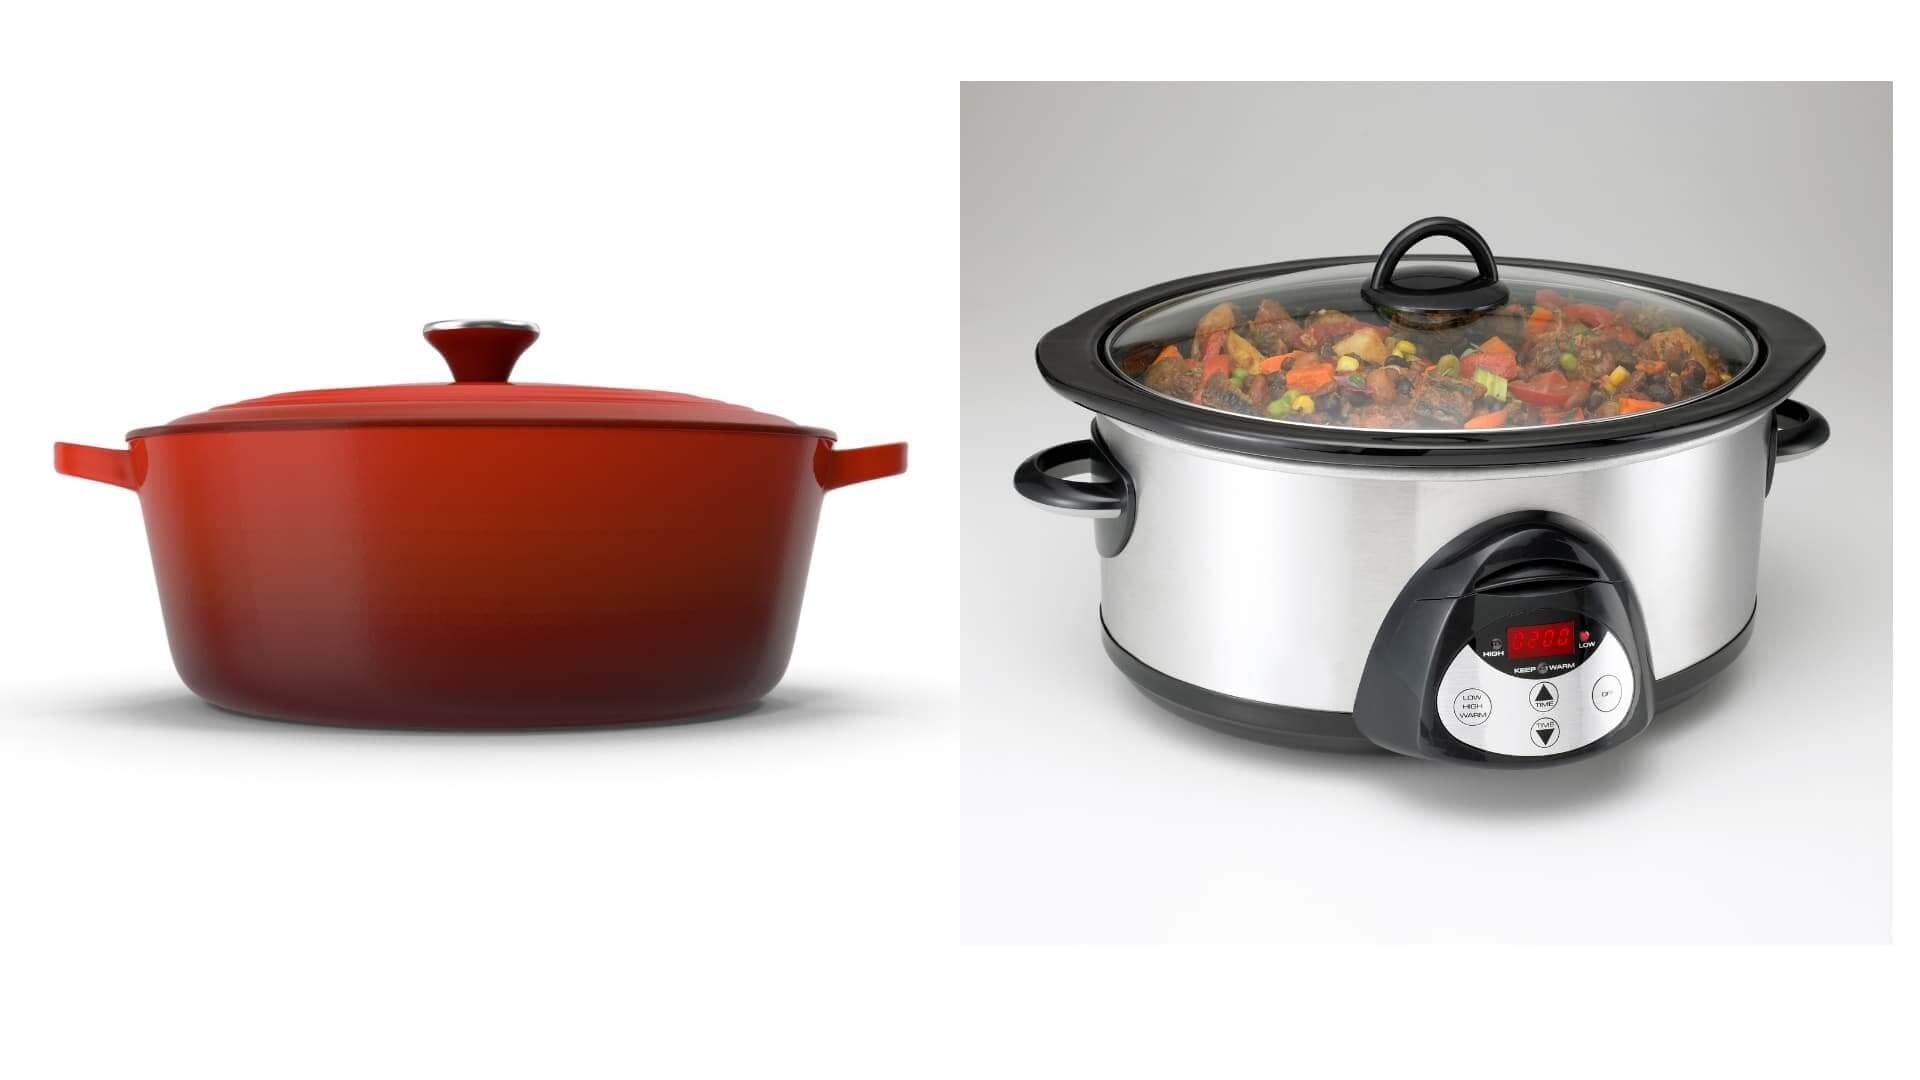 Dutch Oven Versus Crockpot